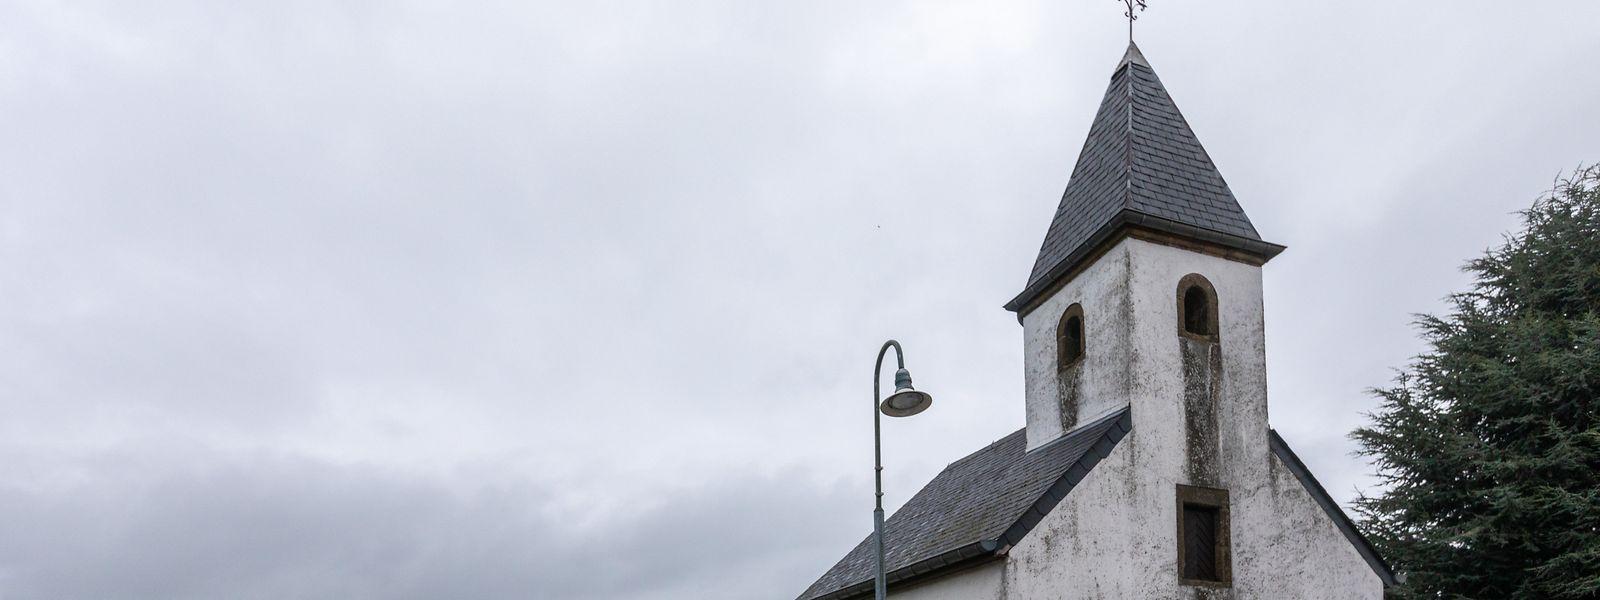 Seit 30 Jahren findet in dieser kleinen Kapelle am Rande der Ortschaft Colbette bei Consdorf eine traditionelle feierliche Messe zu Ehren der Heiligen Margaretha statt.